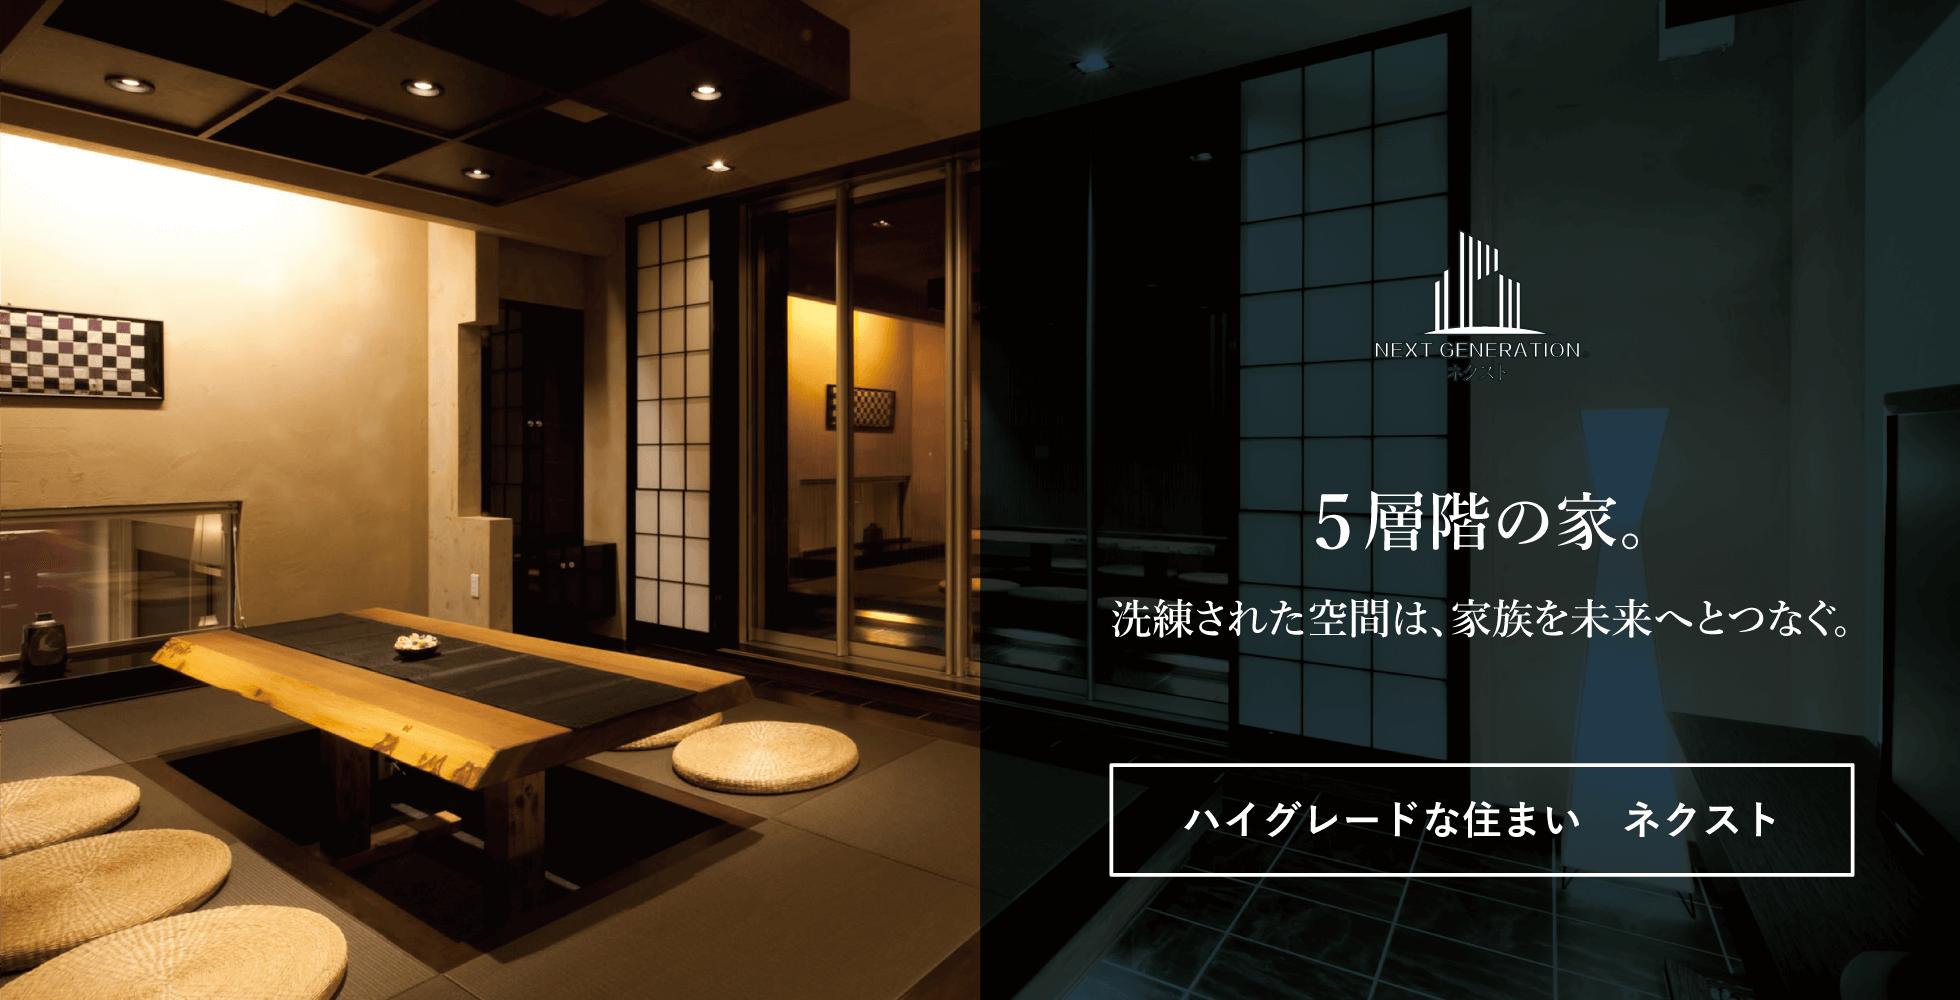 5層階の家。洗練された空間は、家族を未来へとつなぐ。ハイグレードな住まい ネクスト